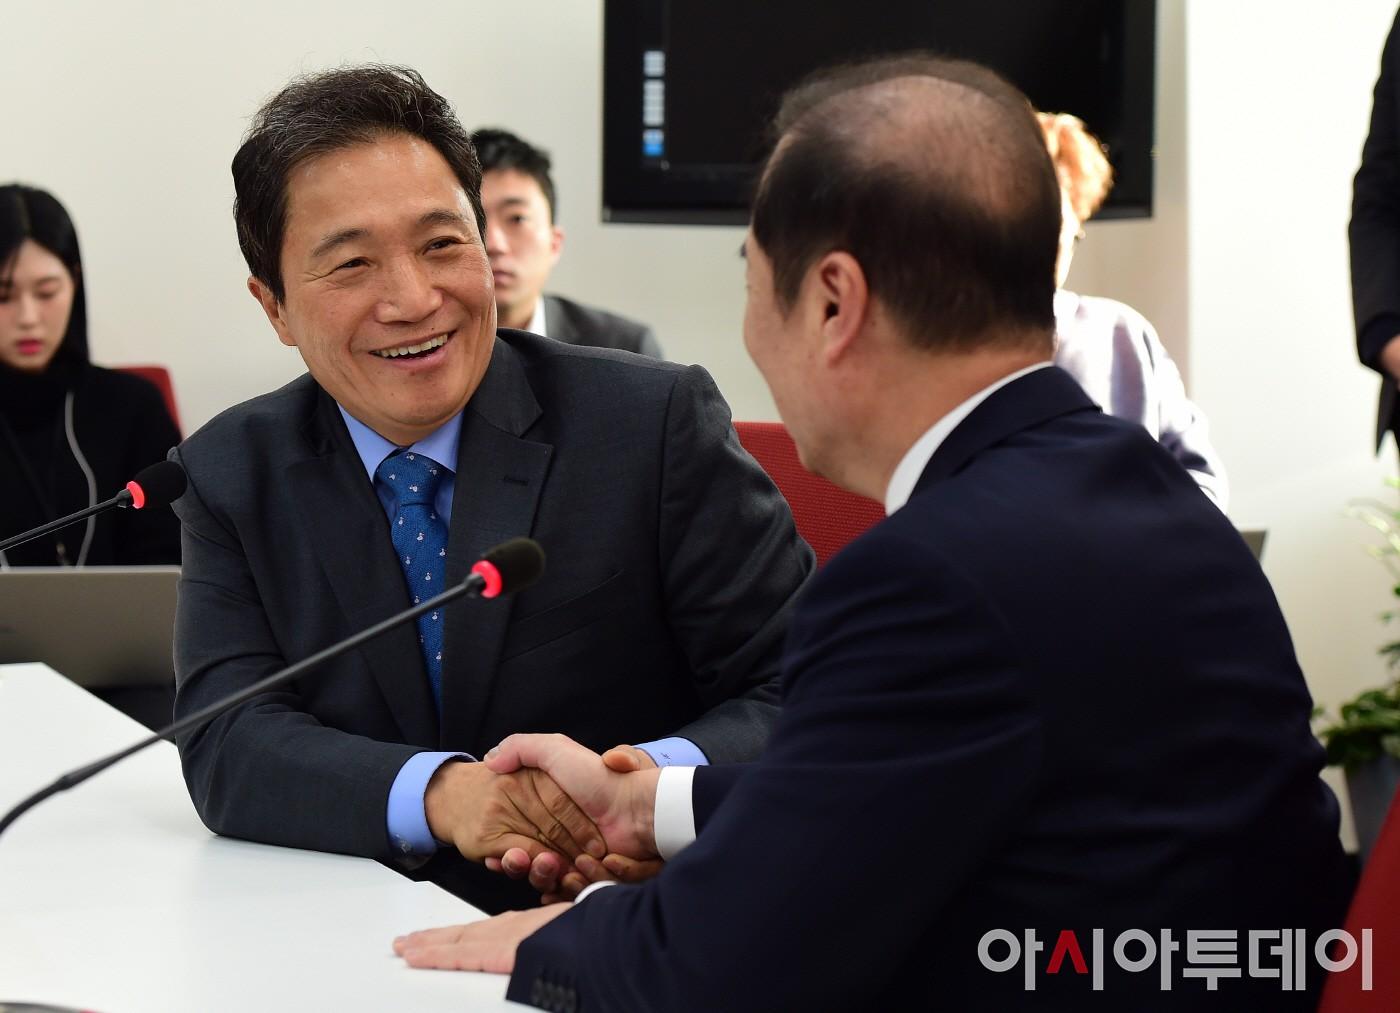 김병준 비대위원장 찾아간 이학재 의원